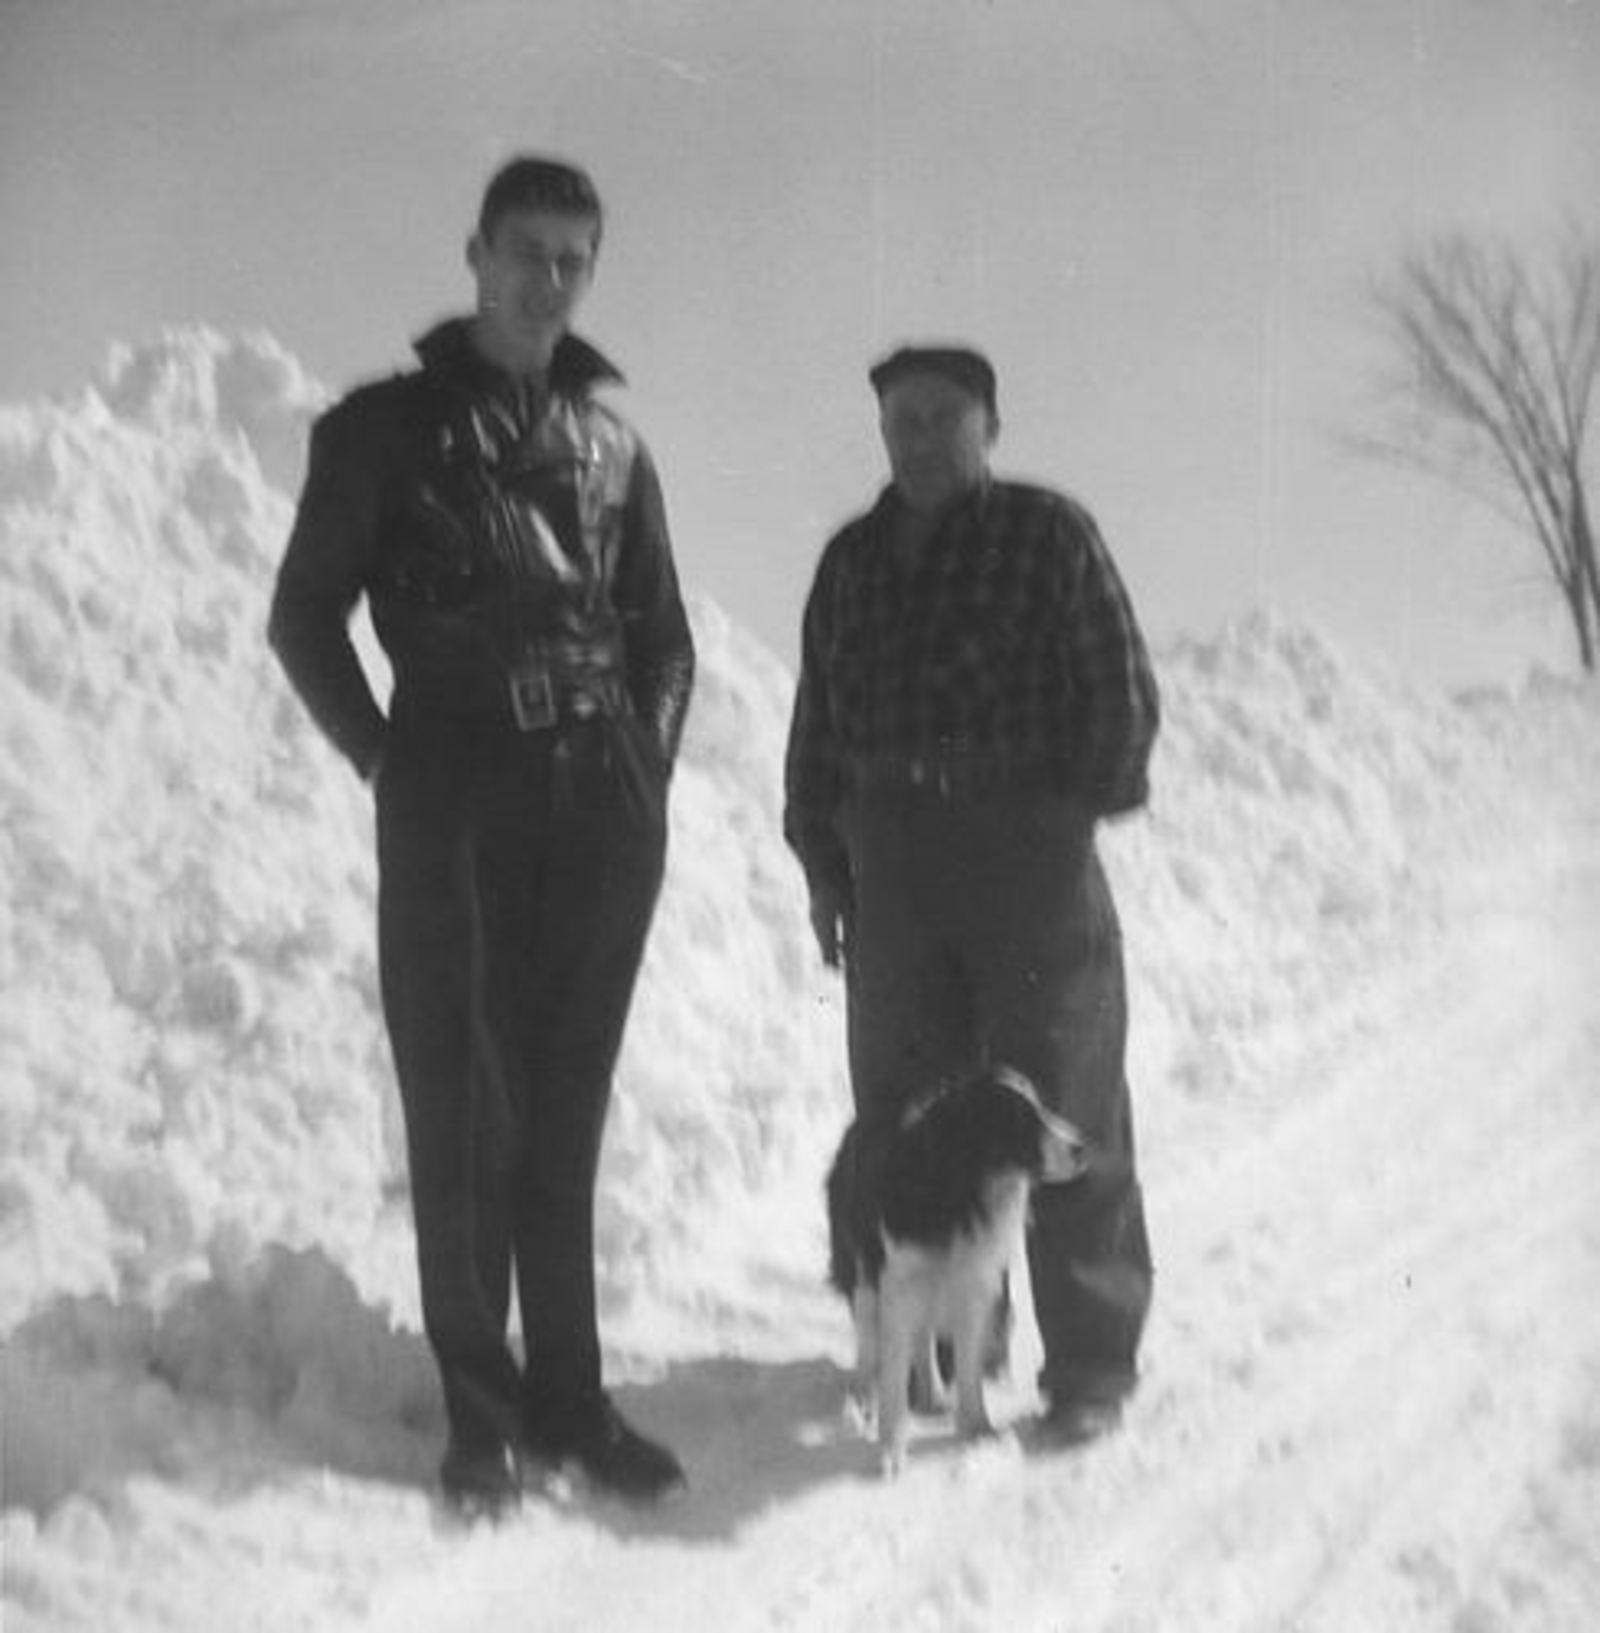 Blom Jan 1906 19__ met zoon Jan